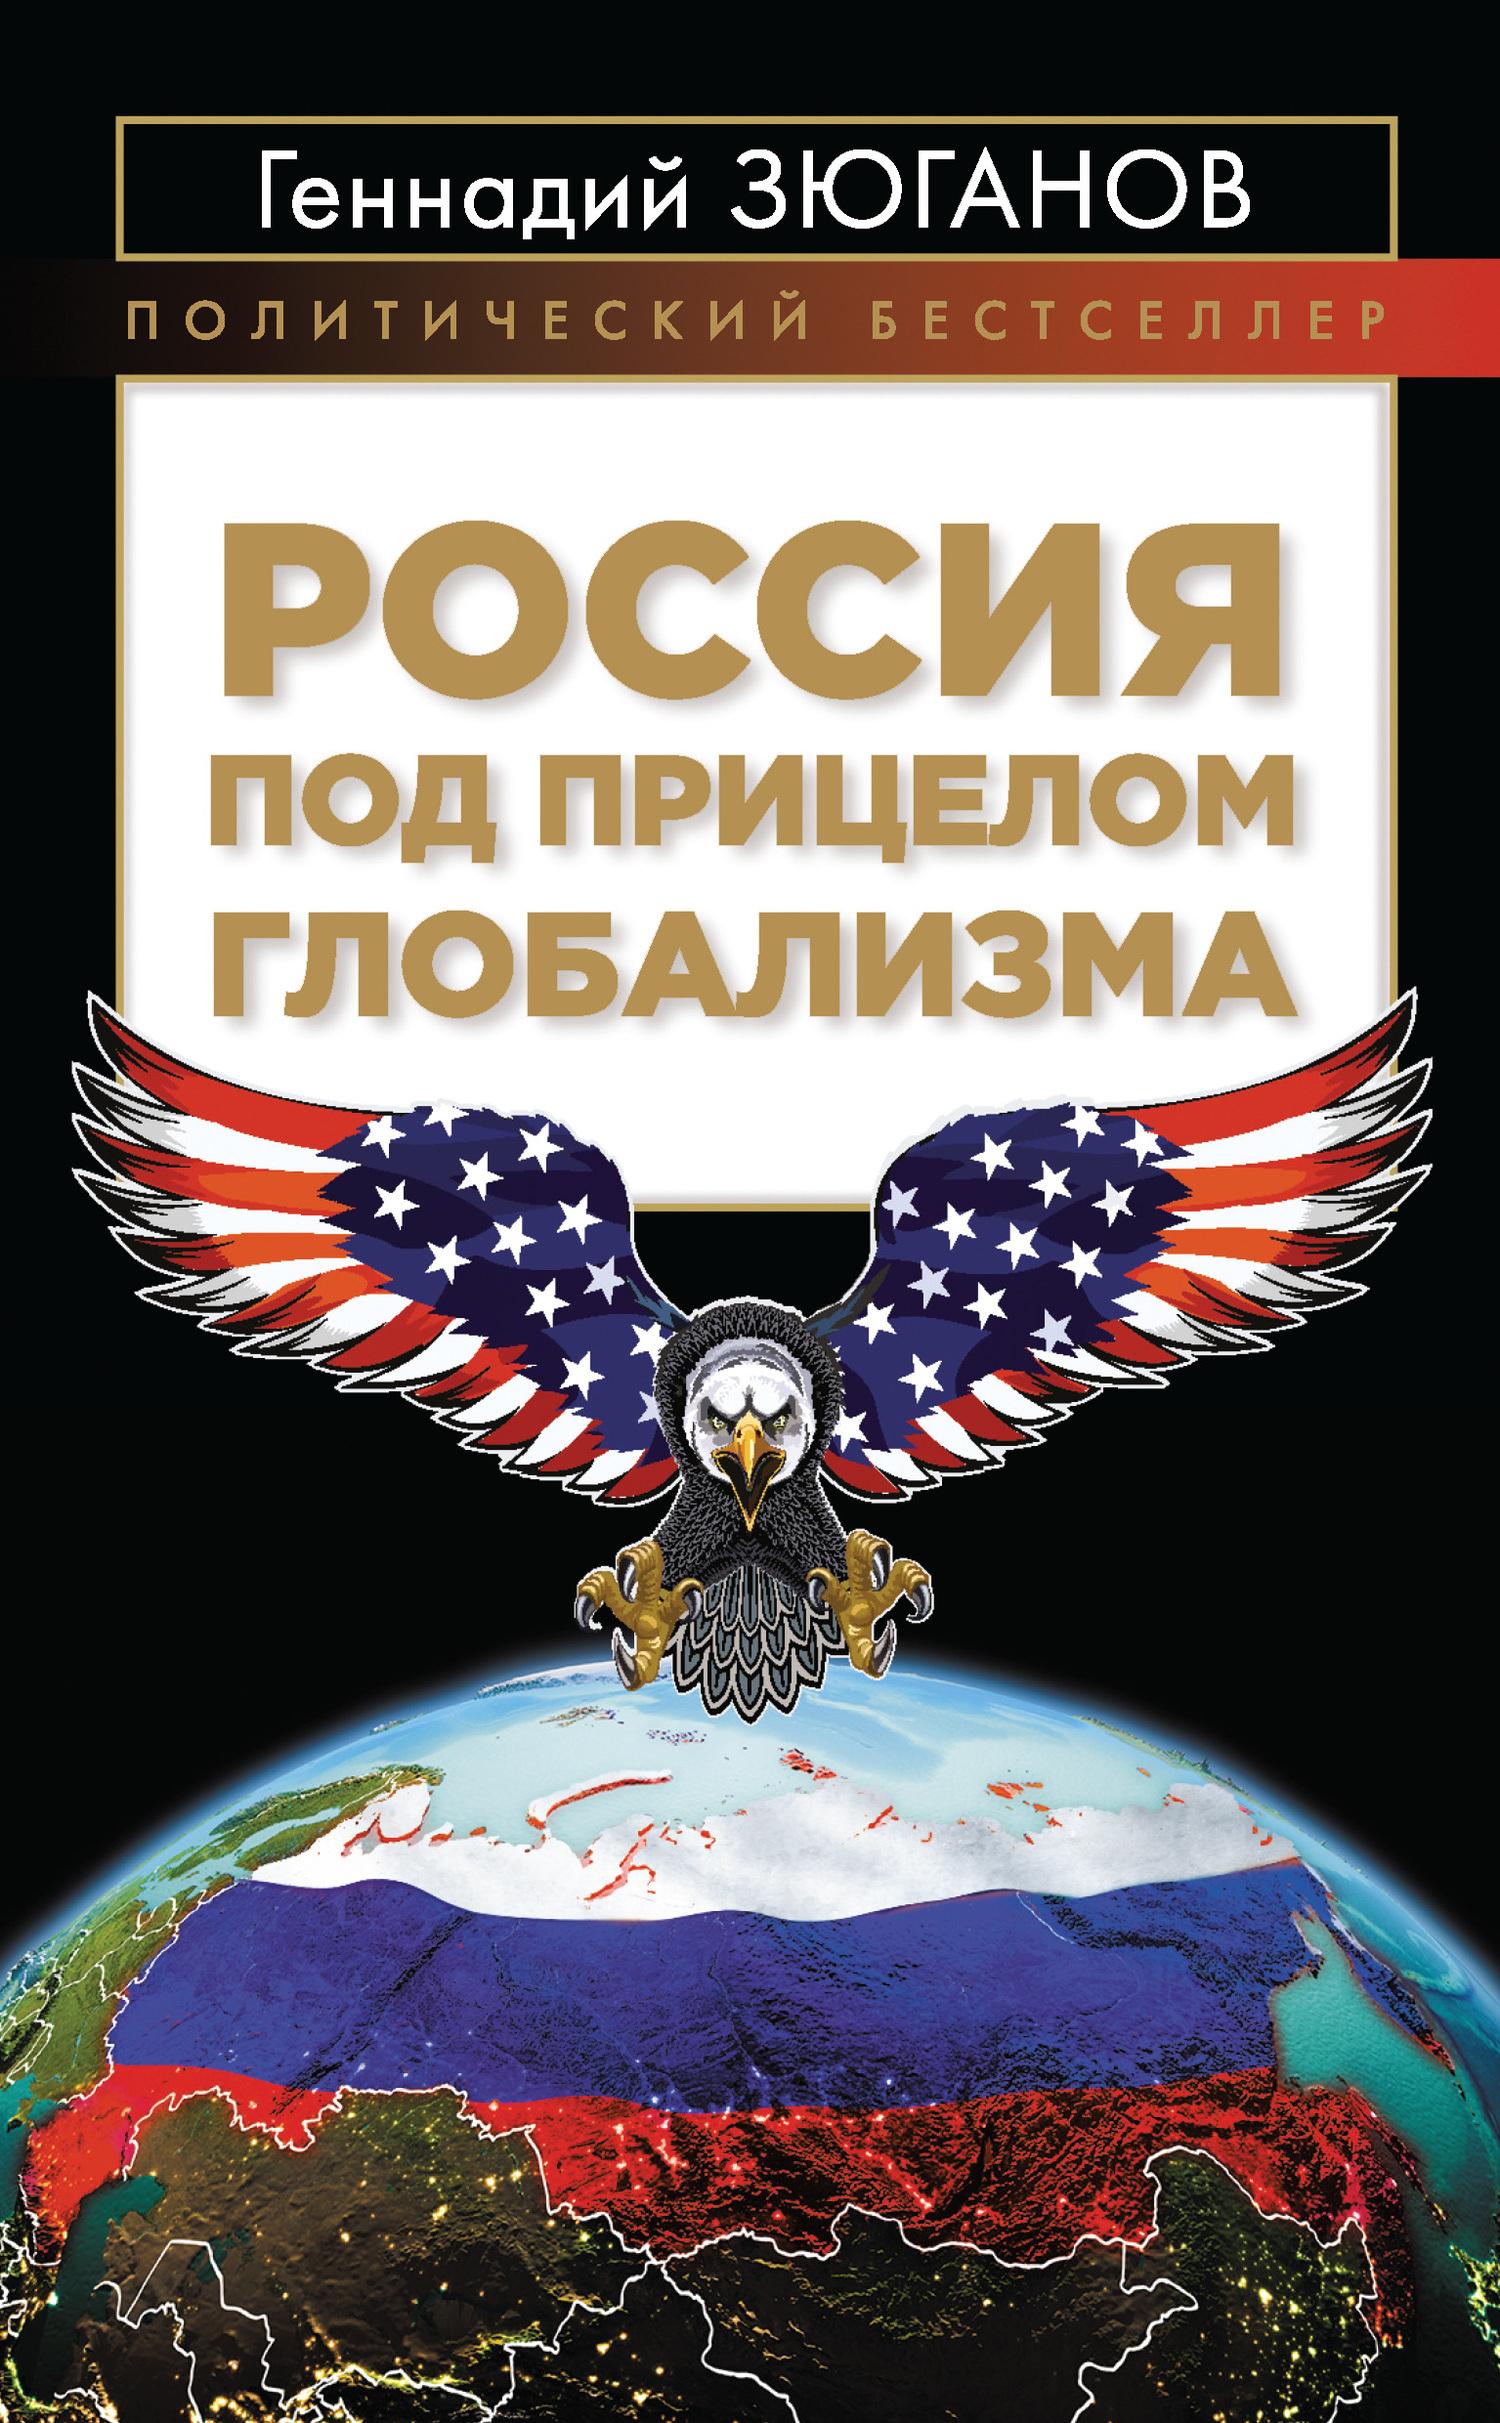 Геннадий Зюганов Россия под прицелом глобализма геннадий зюганов глядя в будущее